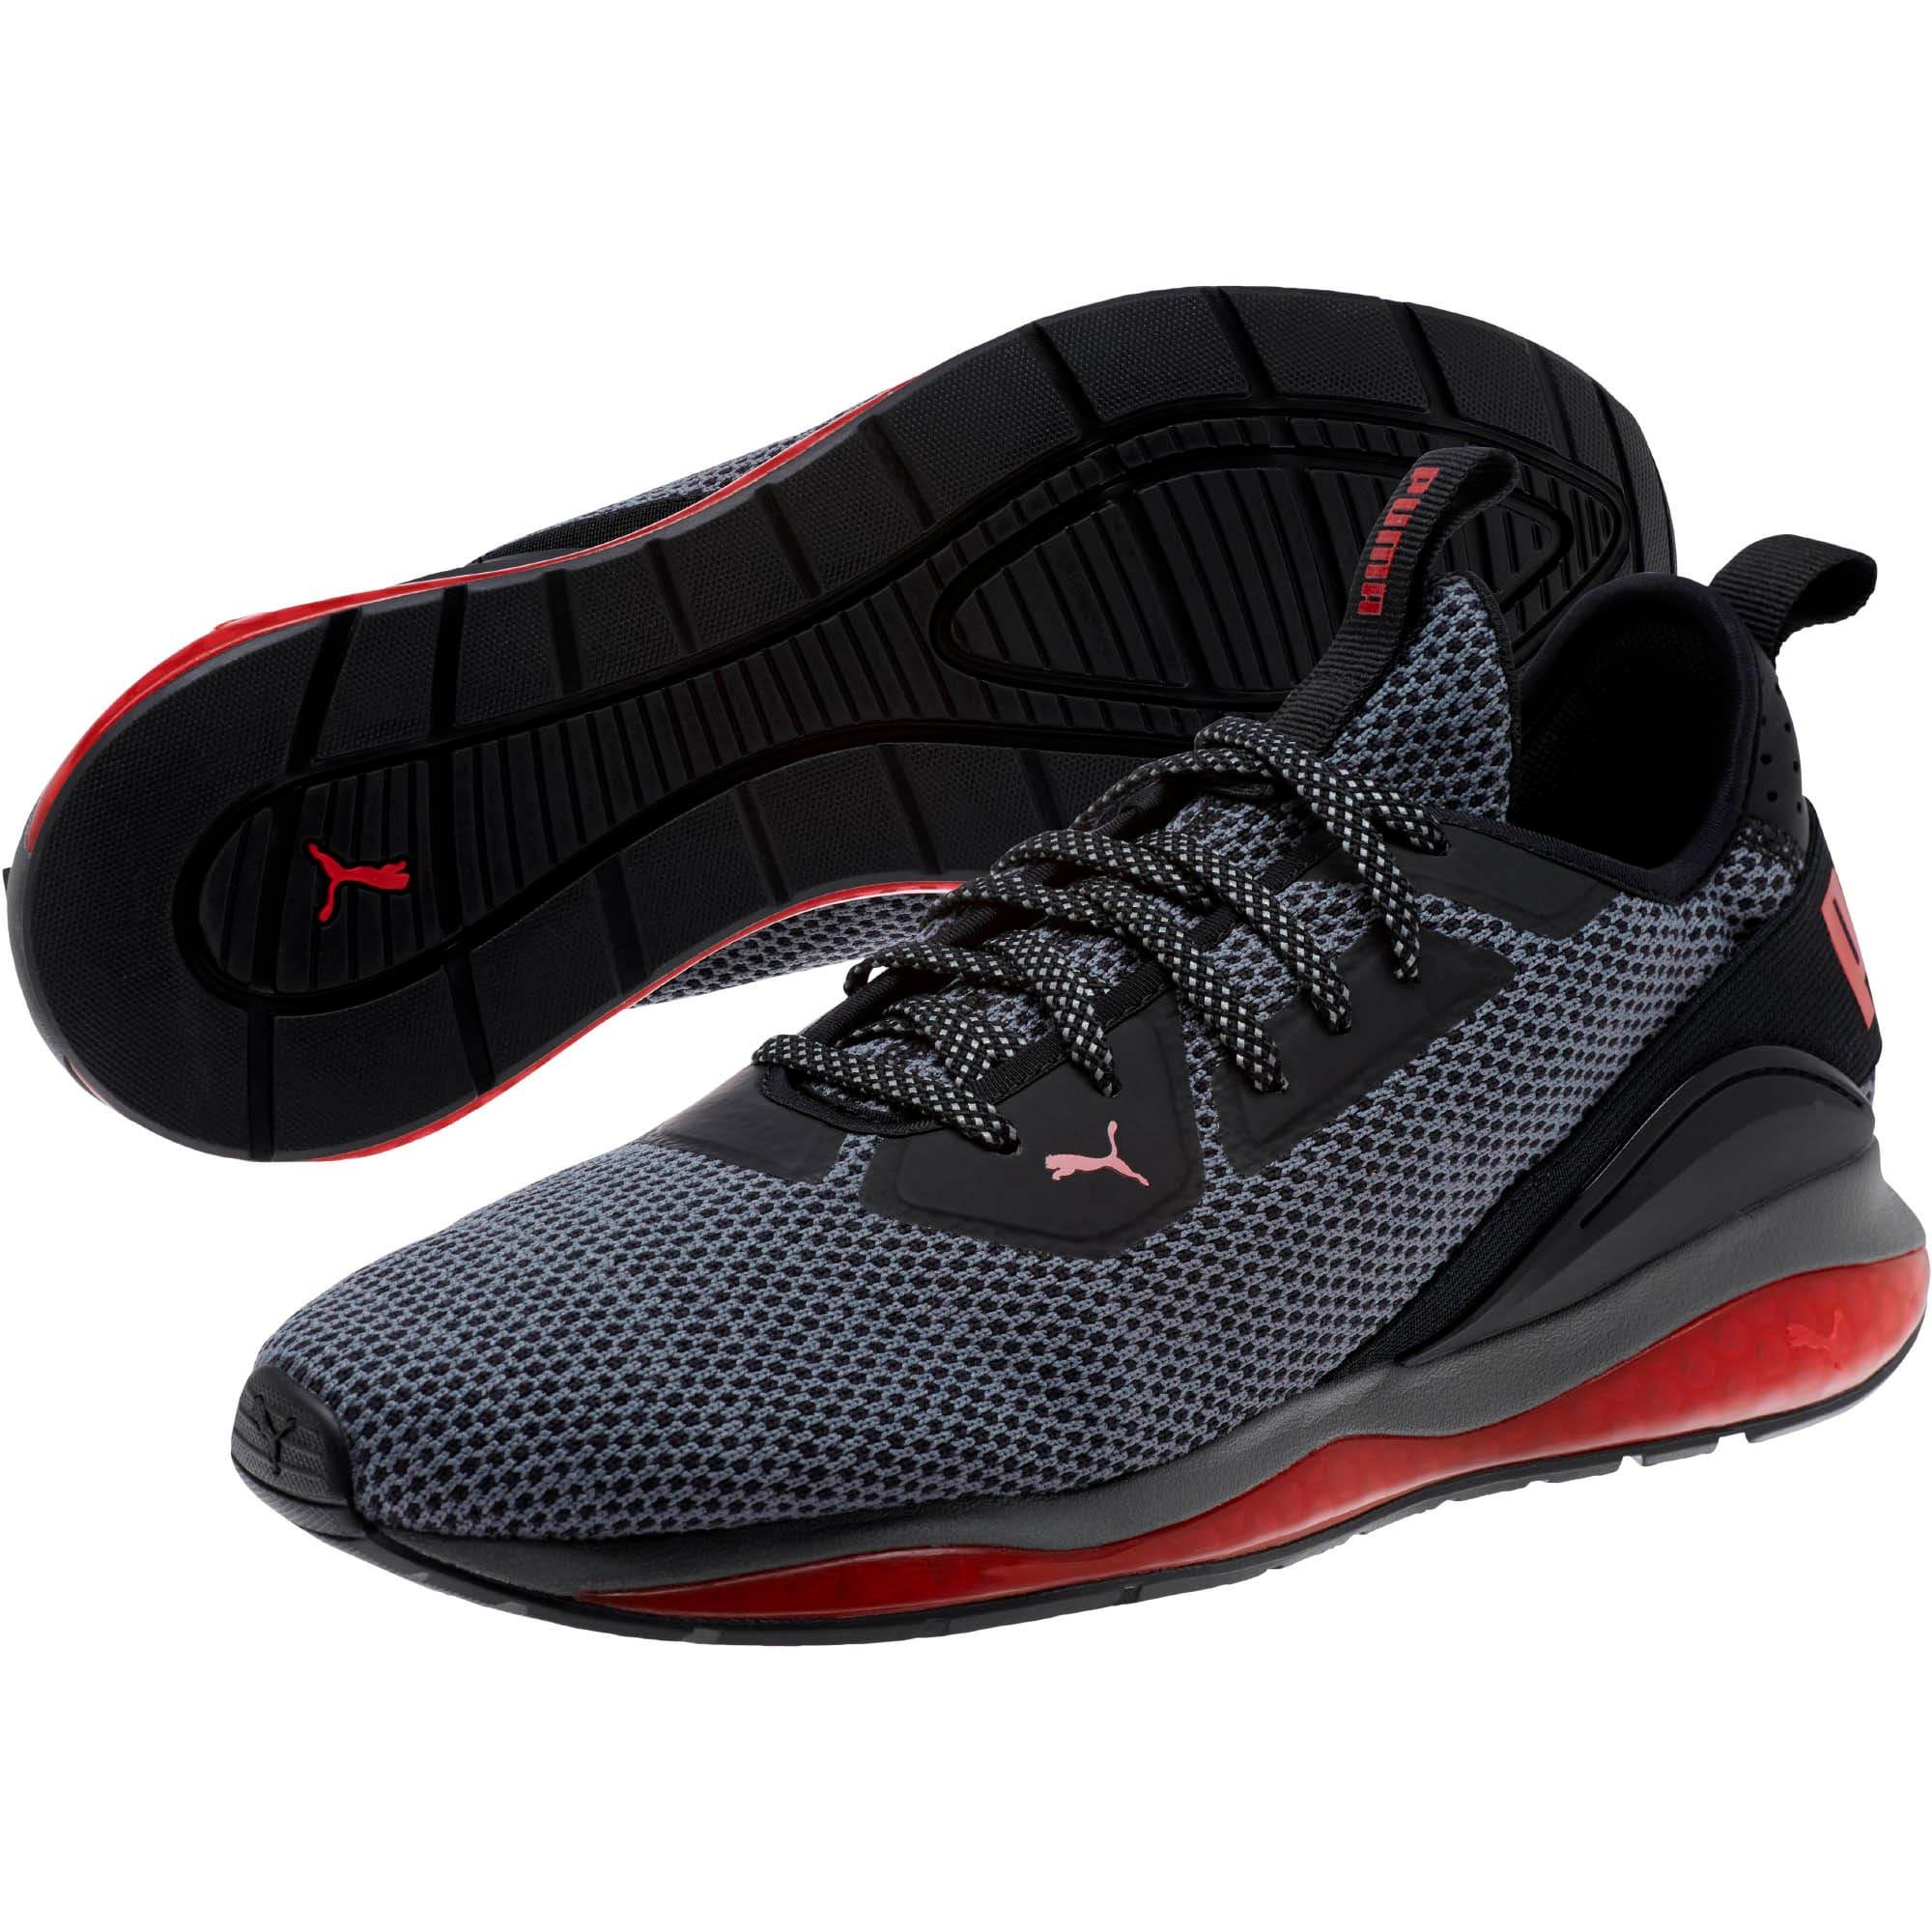 Thumbnail 2 of CELL Descend Running Shoes, Pma Blk-Rbn Rd-Pma Agd Slvr, medium